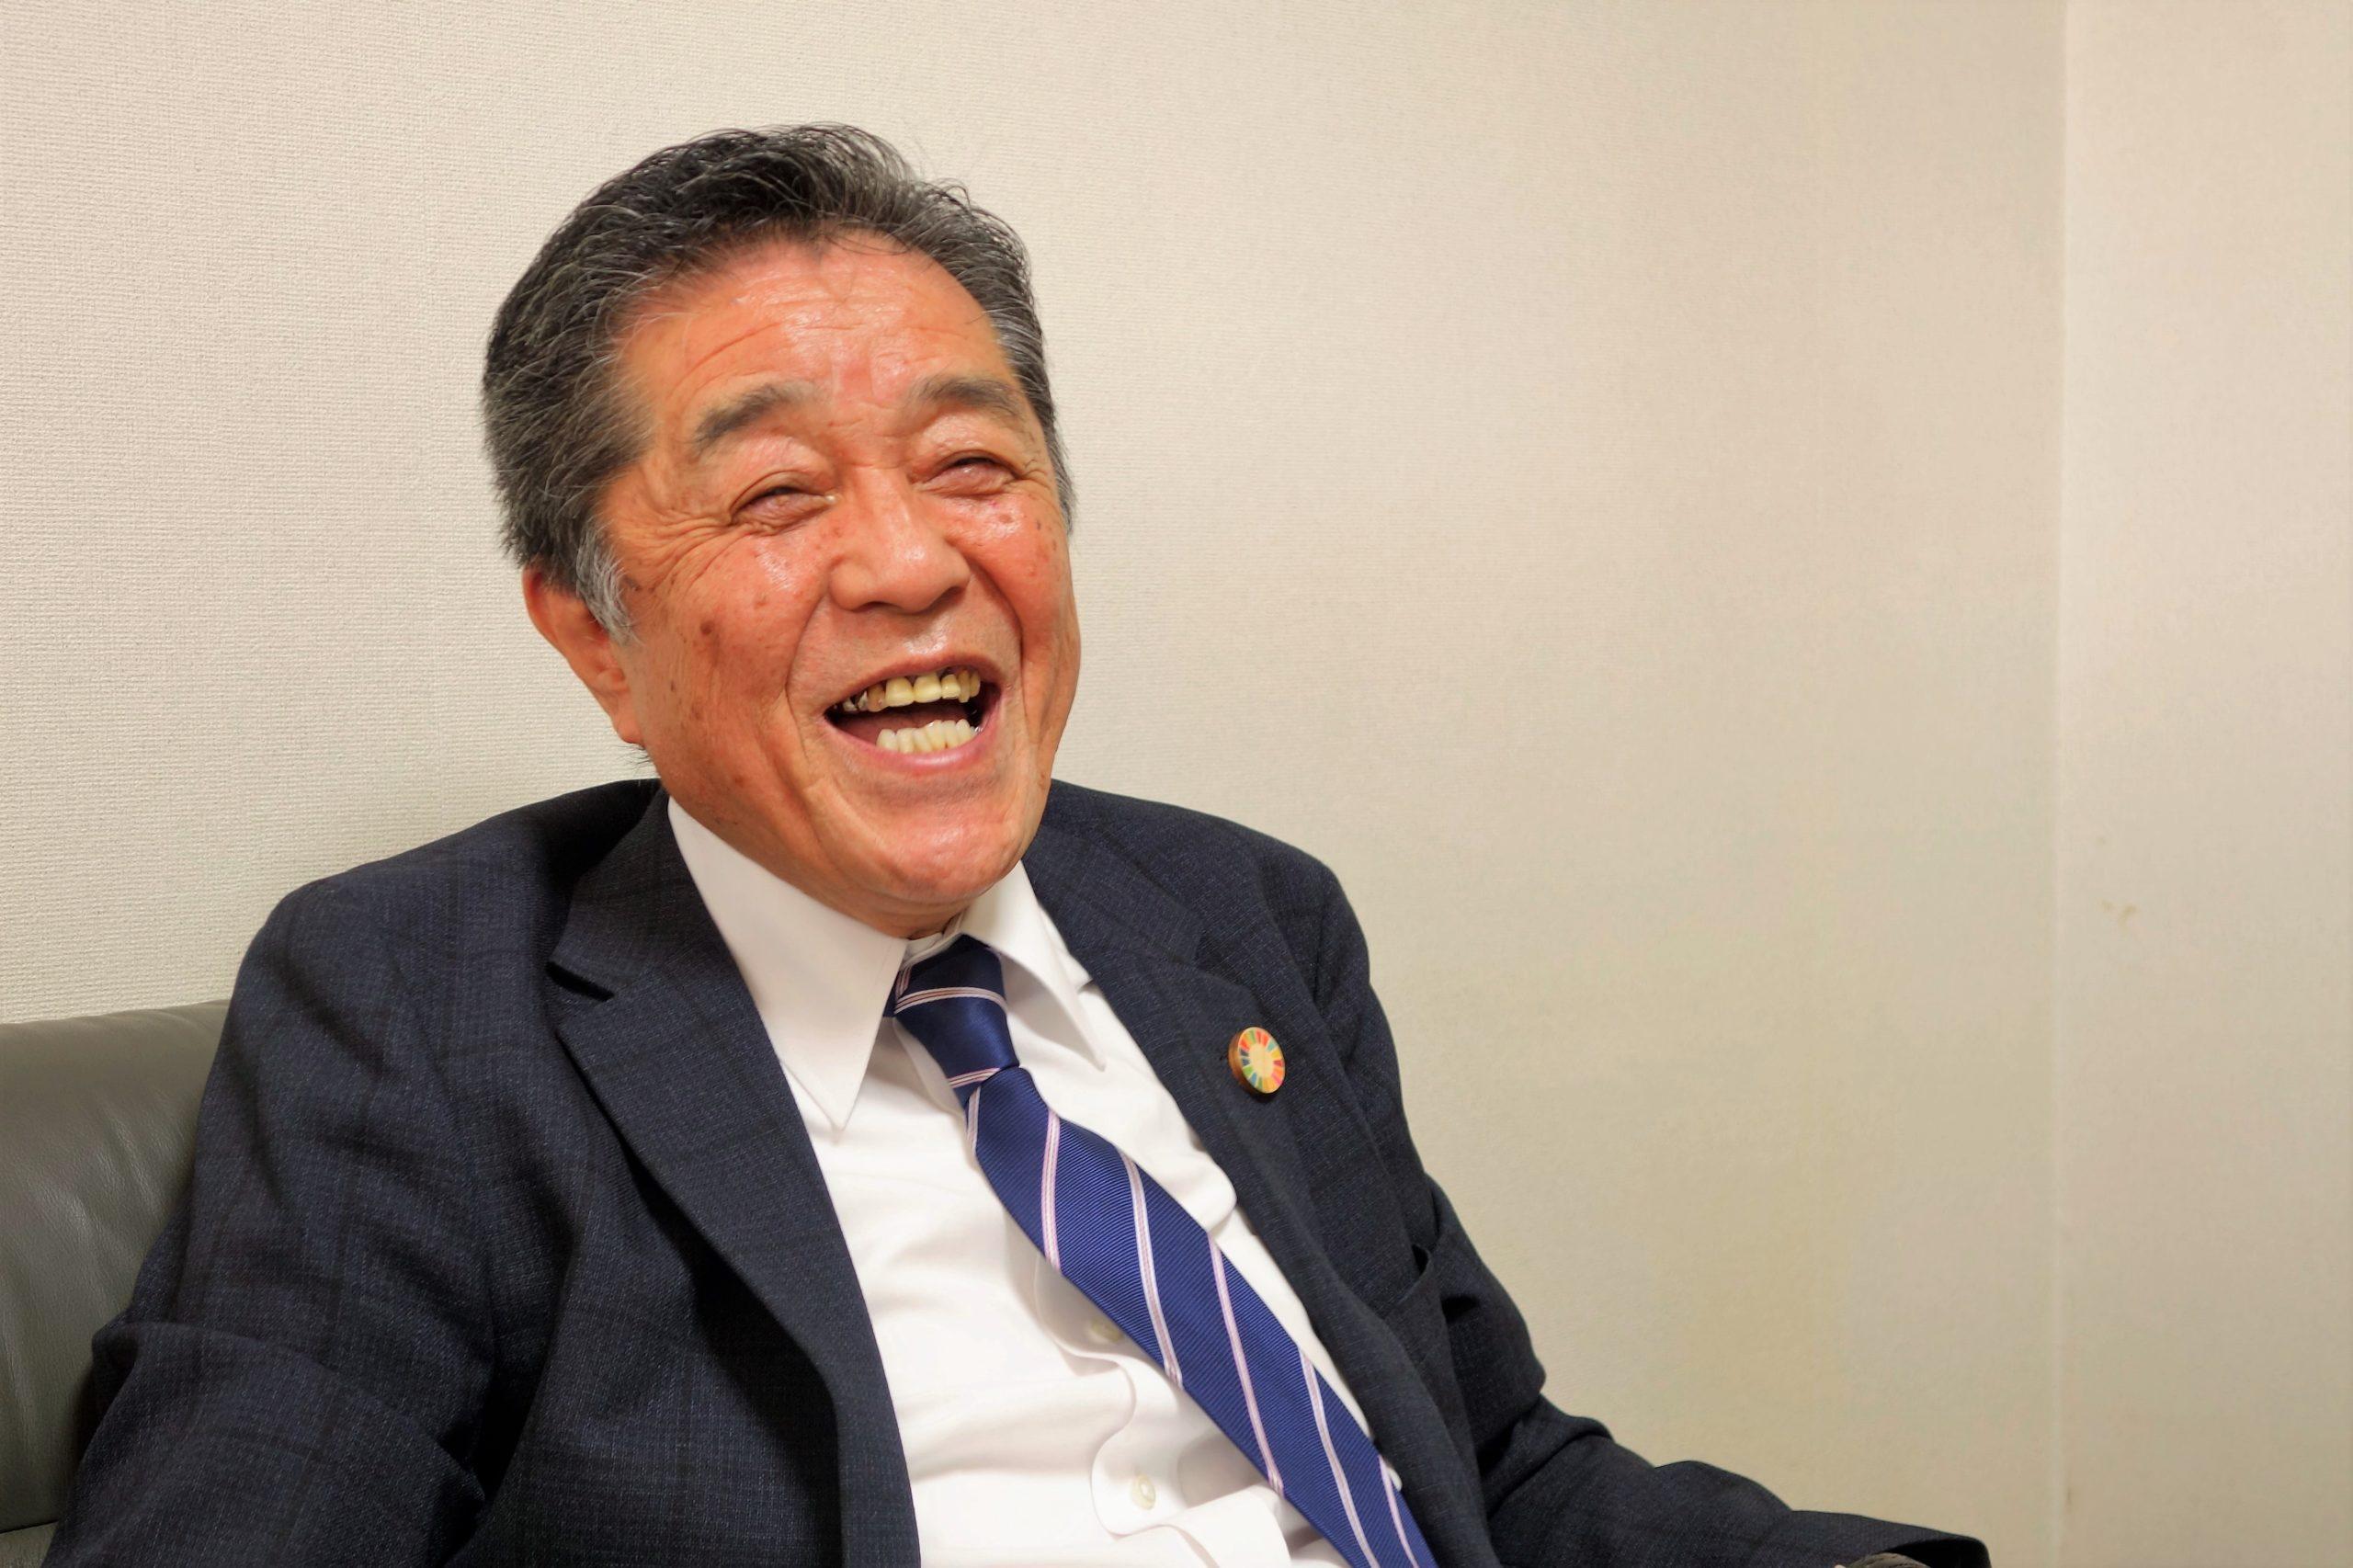 株式会社谷口 代表取締役社長 谷口正晴氏